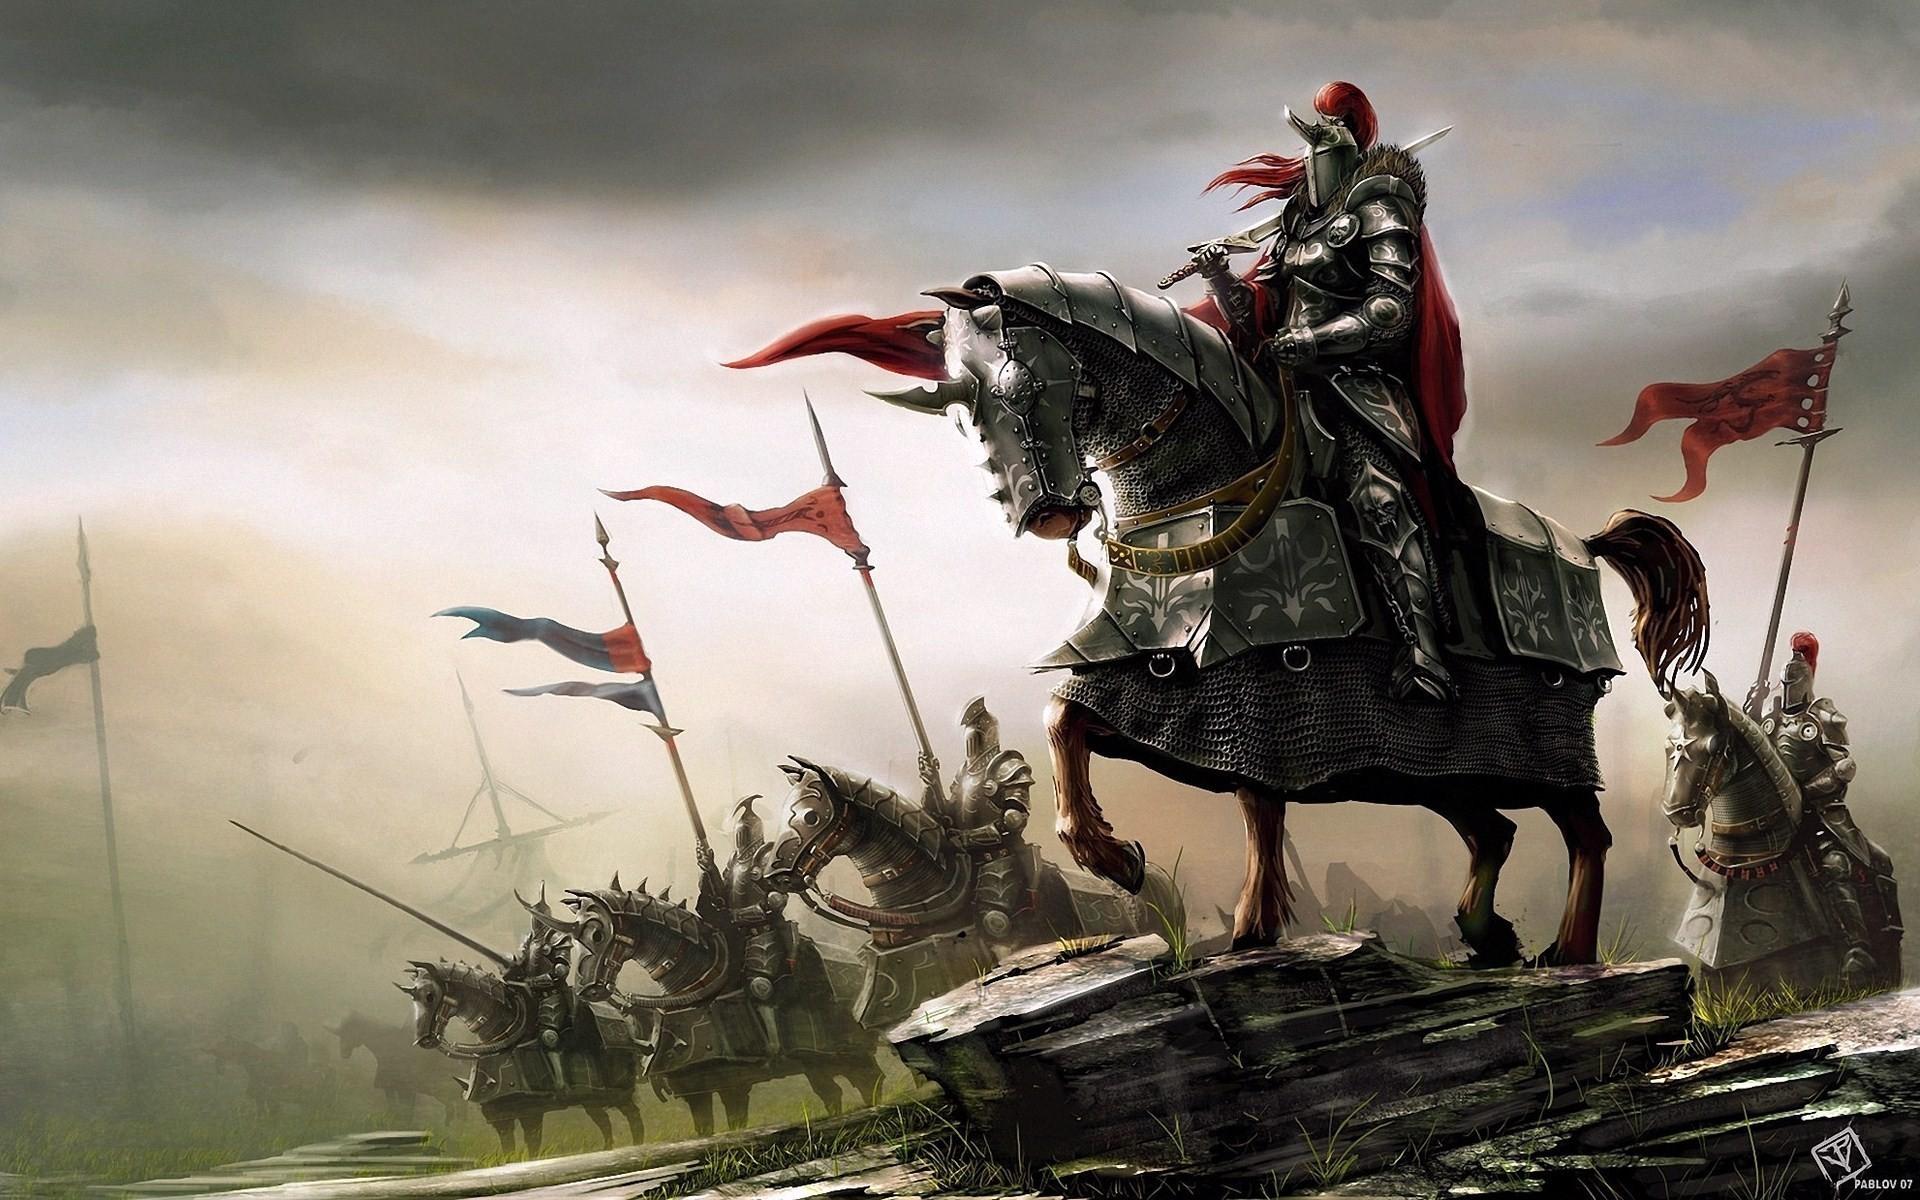 Res: 1920x1200, fantasy-art-knights-warriors-horses-hd-wallpaper